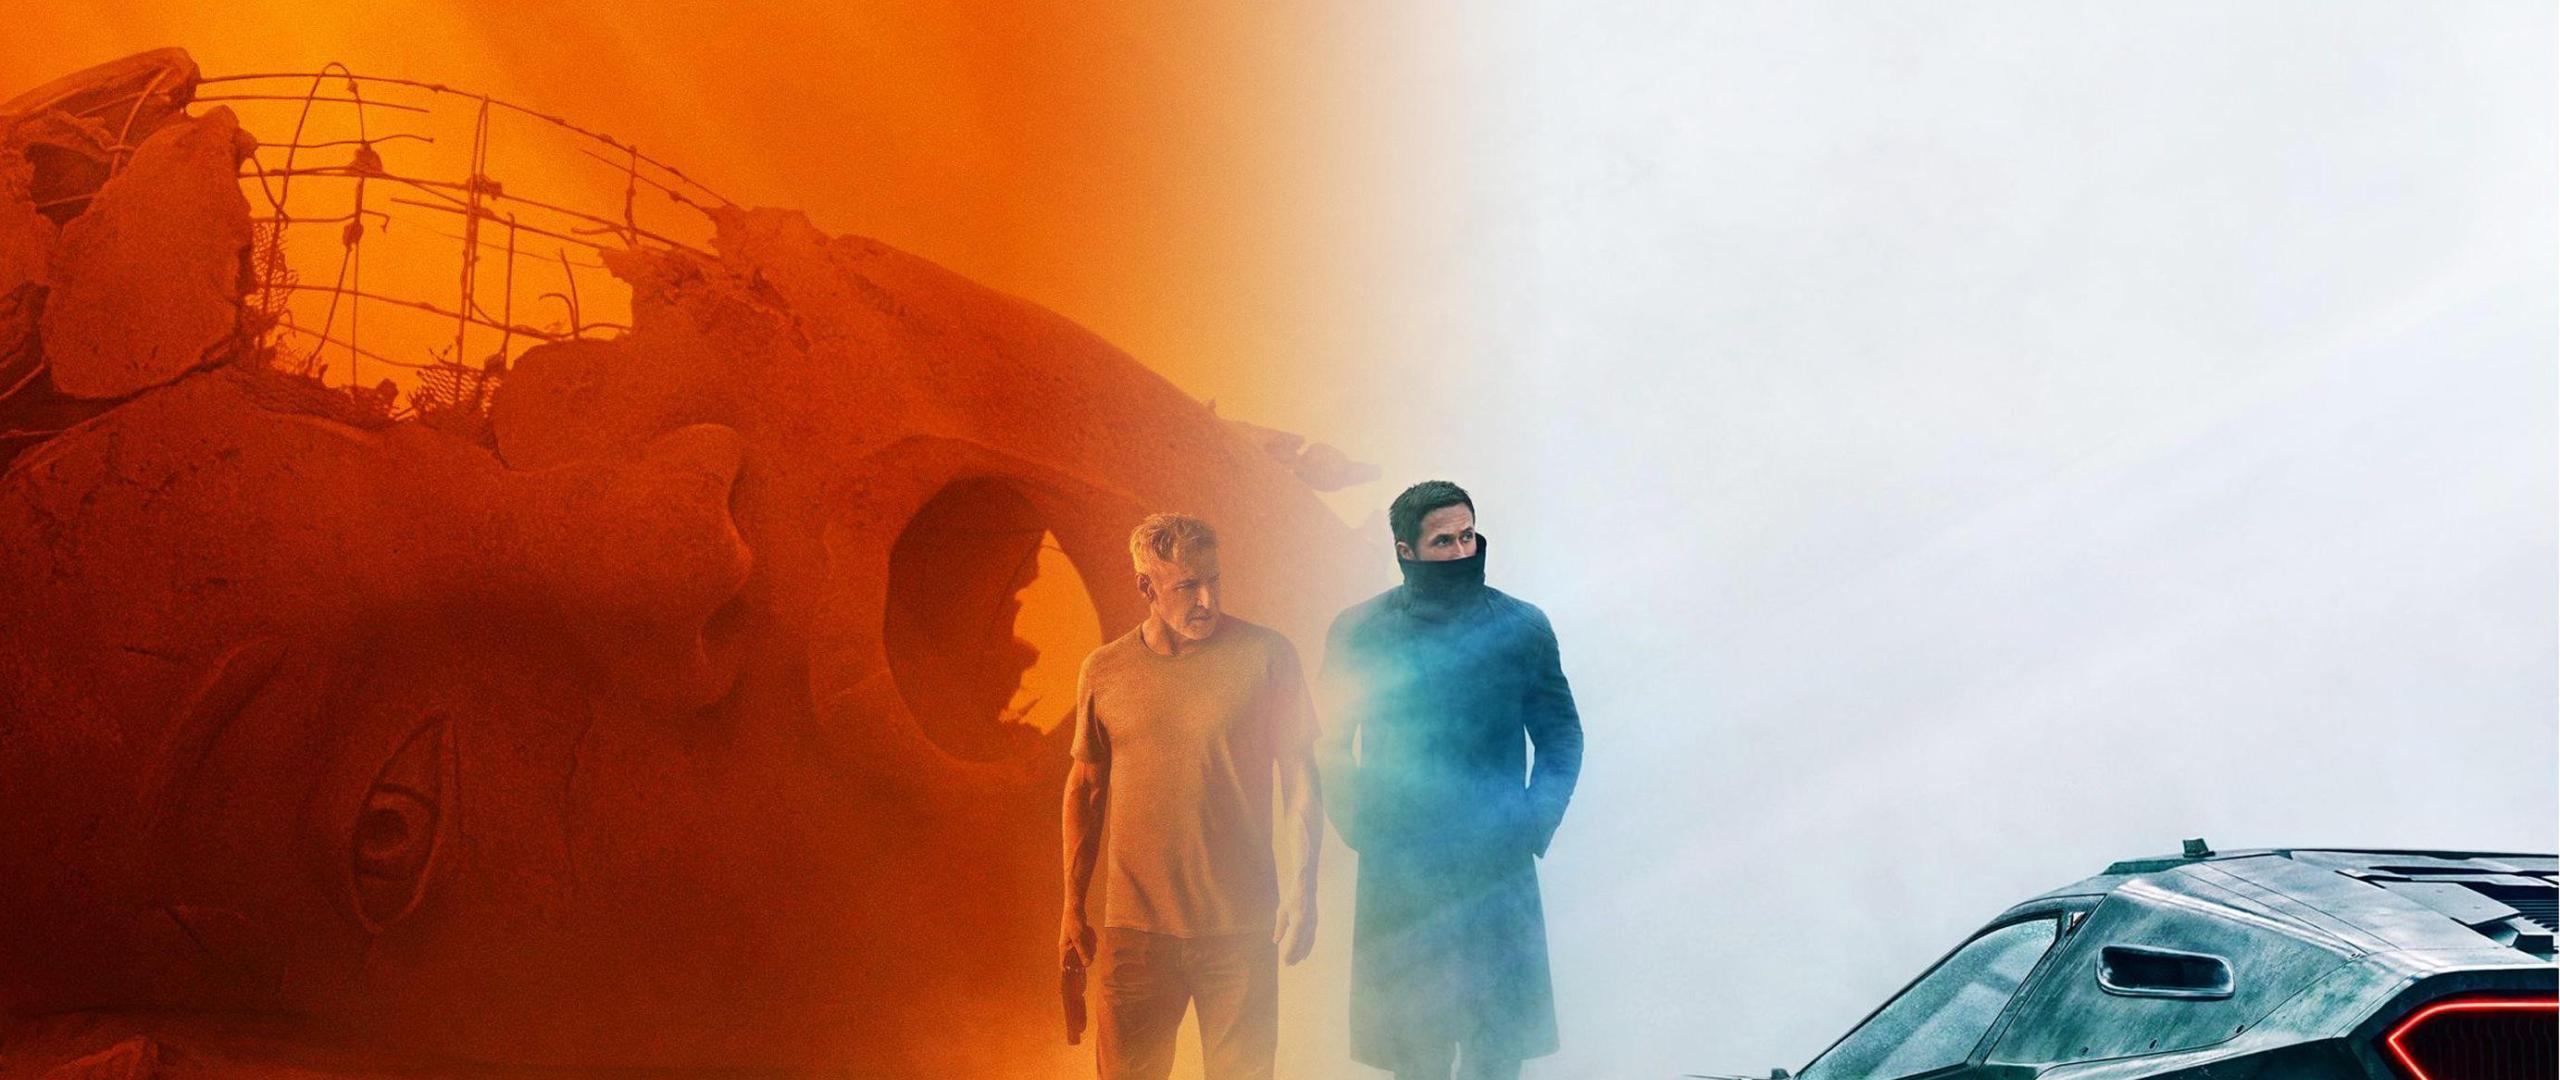 Blade Runner 2049 Wallpapers From Trailer 1920x1080: Blade Runner 2049 Movie Poster, Full HD 2K Wallpaper